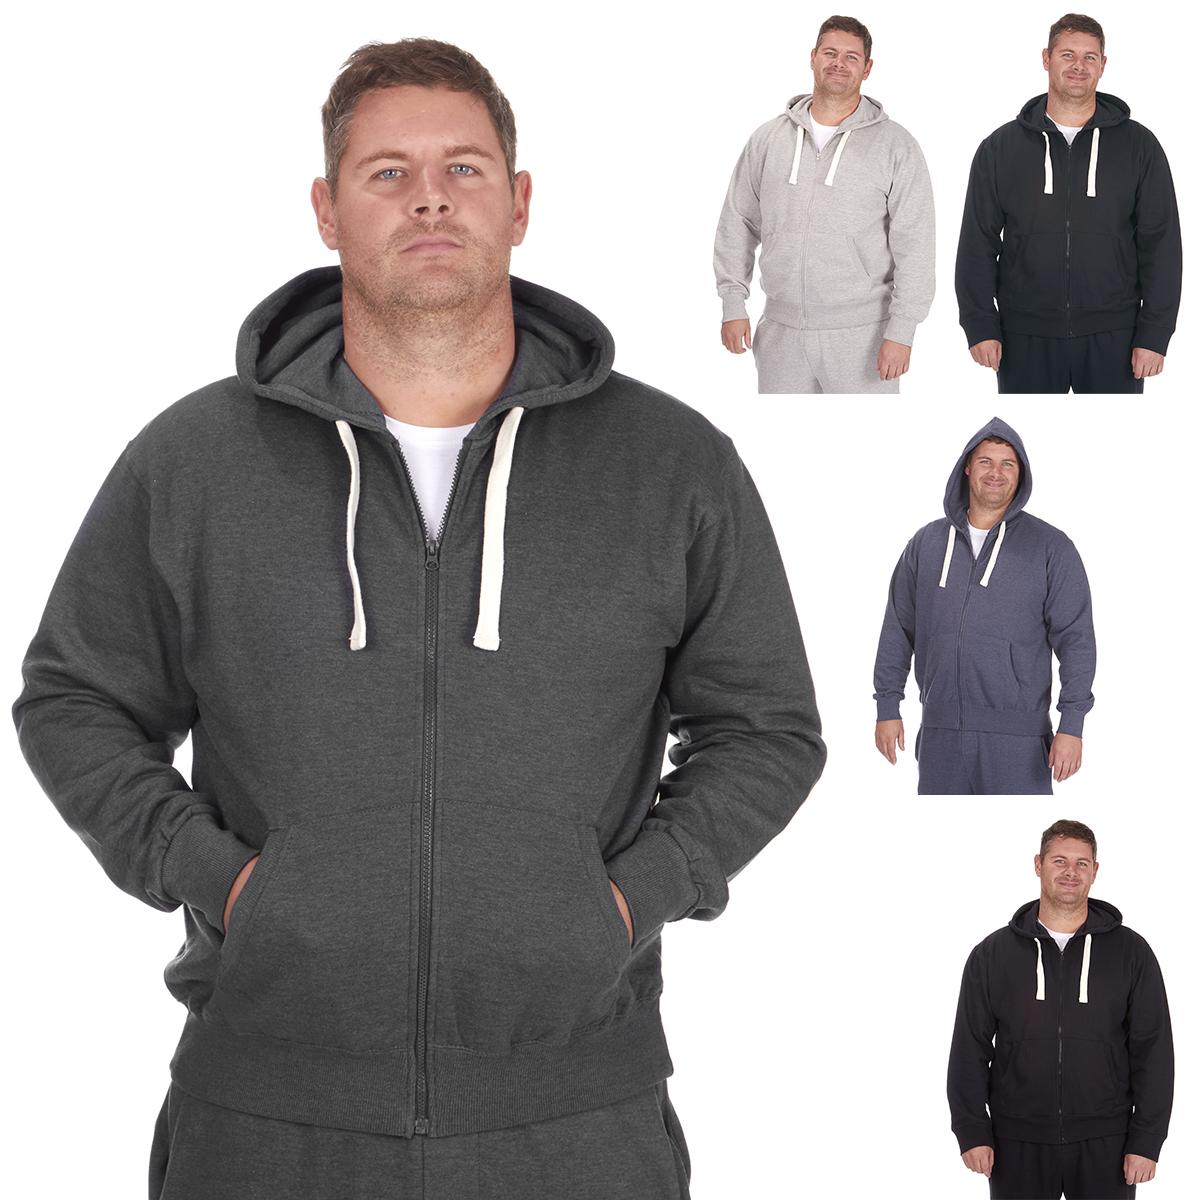 Détails sur Men's plus size sweat à capuche pulls veste basic plain casual sweat à capuche taille 3XL 6XL uk afficher le titre d'origine